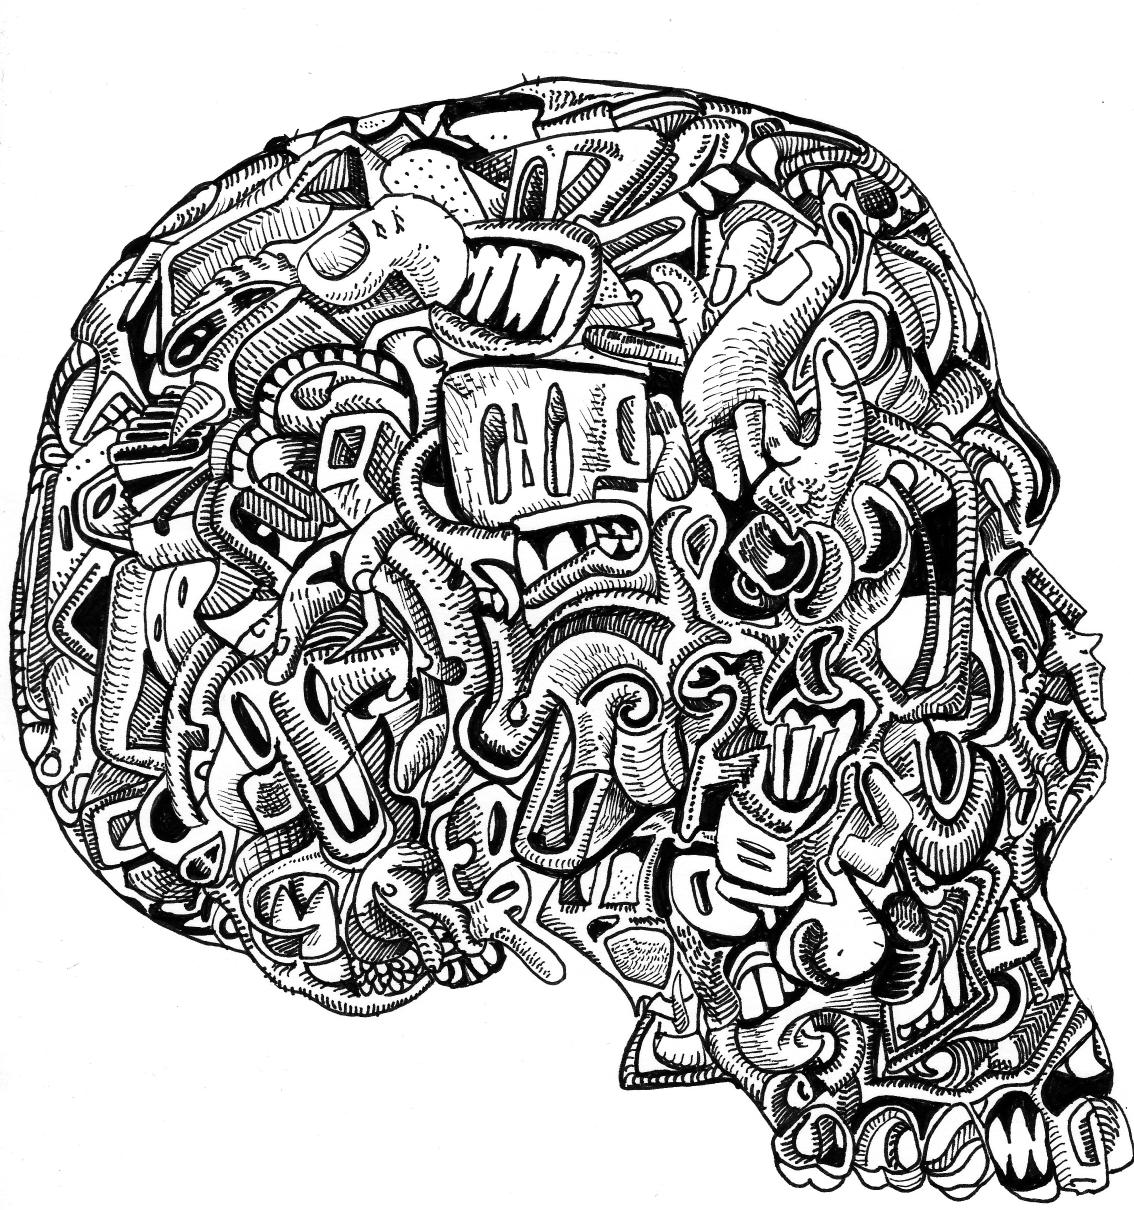 JACK COLTMAN (artist): Super Secret Skull Drawing